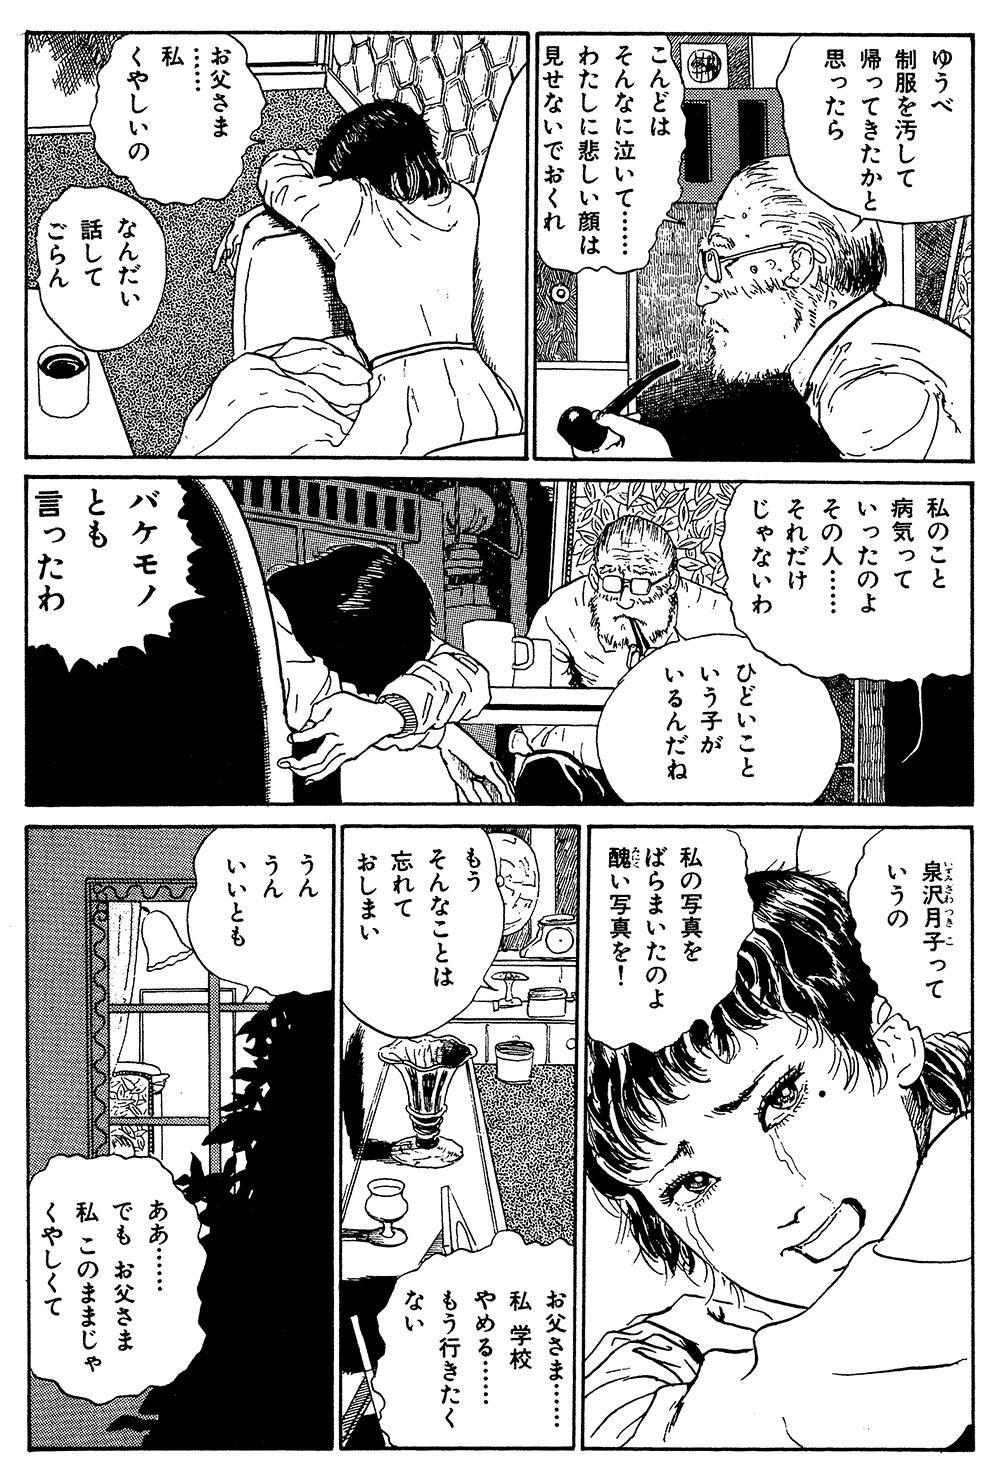 伊藤潤二傑作集 第5話「富江 接吻」⑤junji19-02.jpg